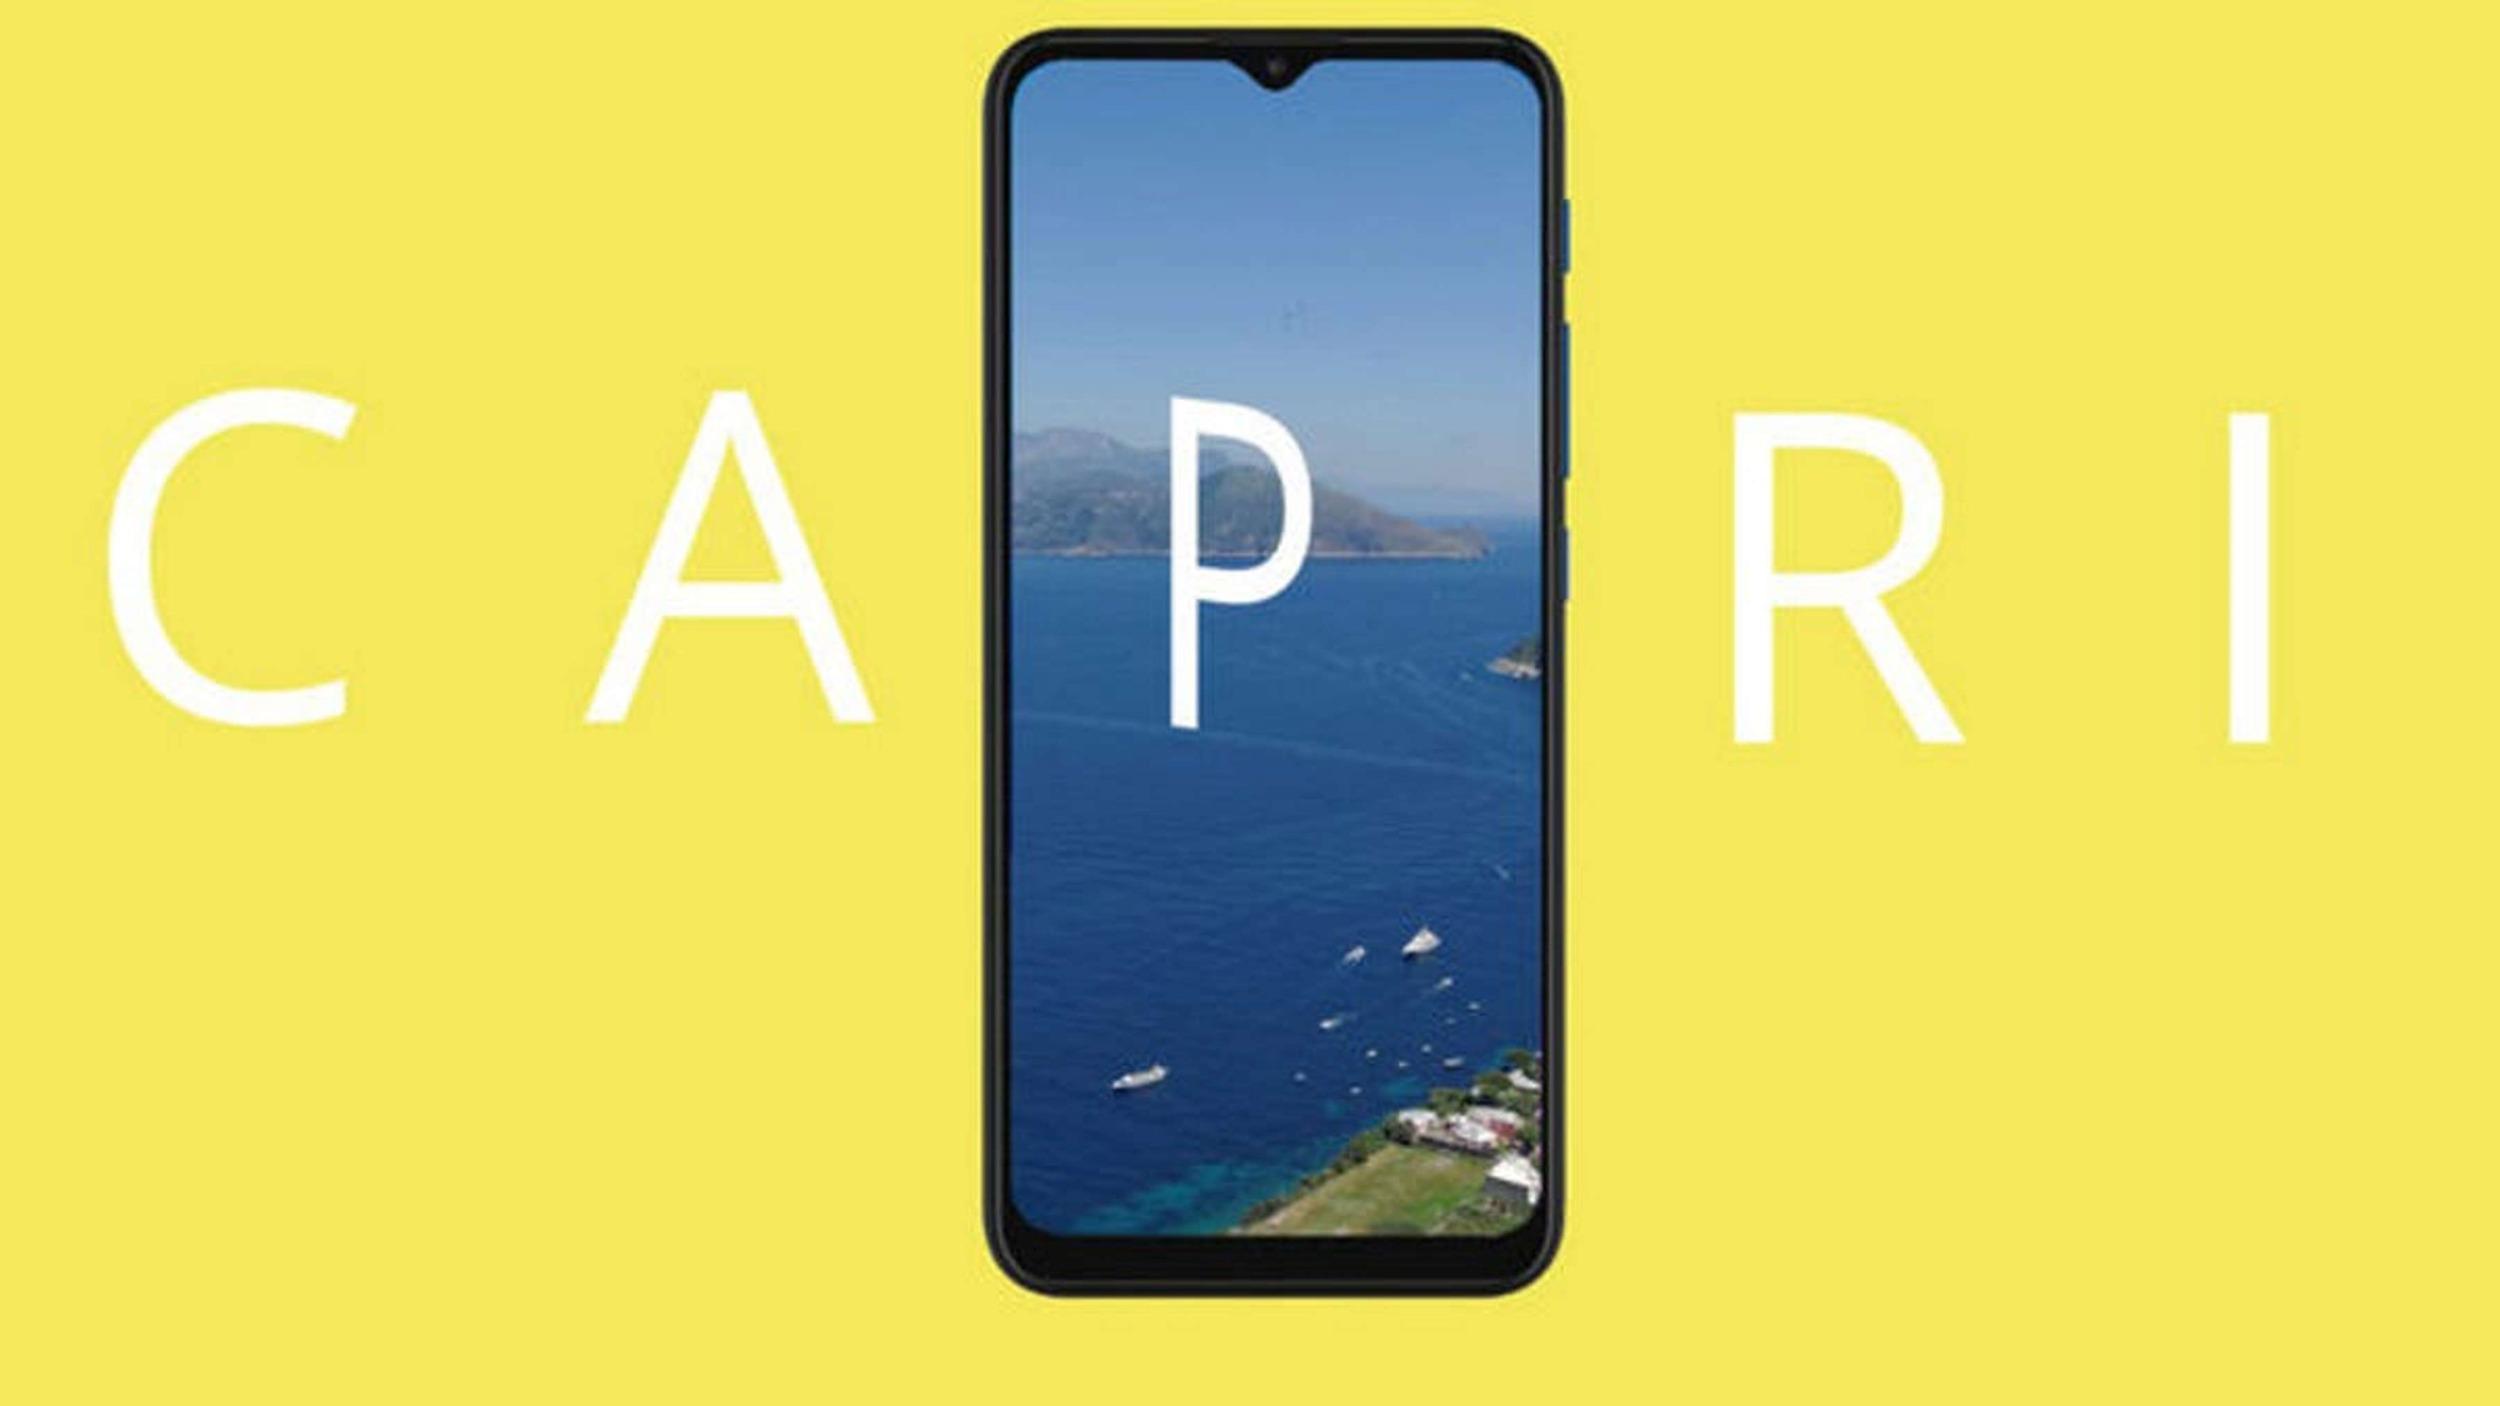 Motorola neuhlídala modely Capri a Capri Plus